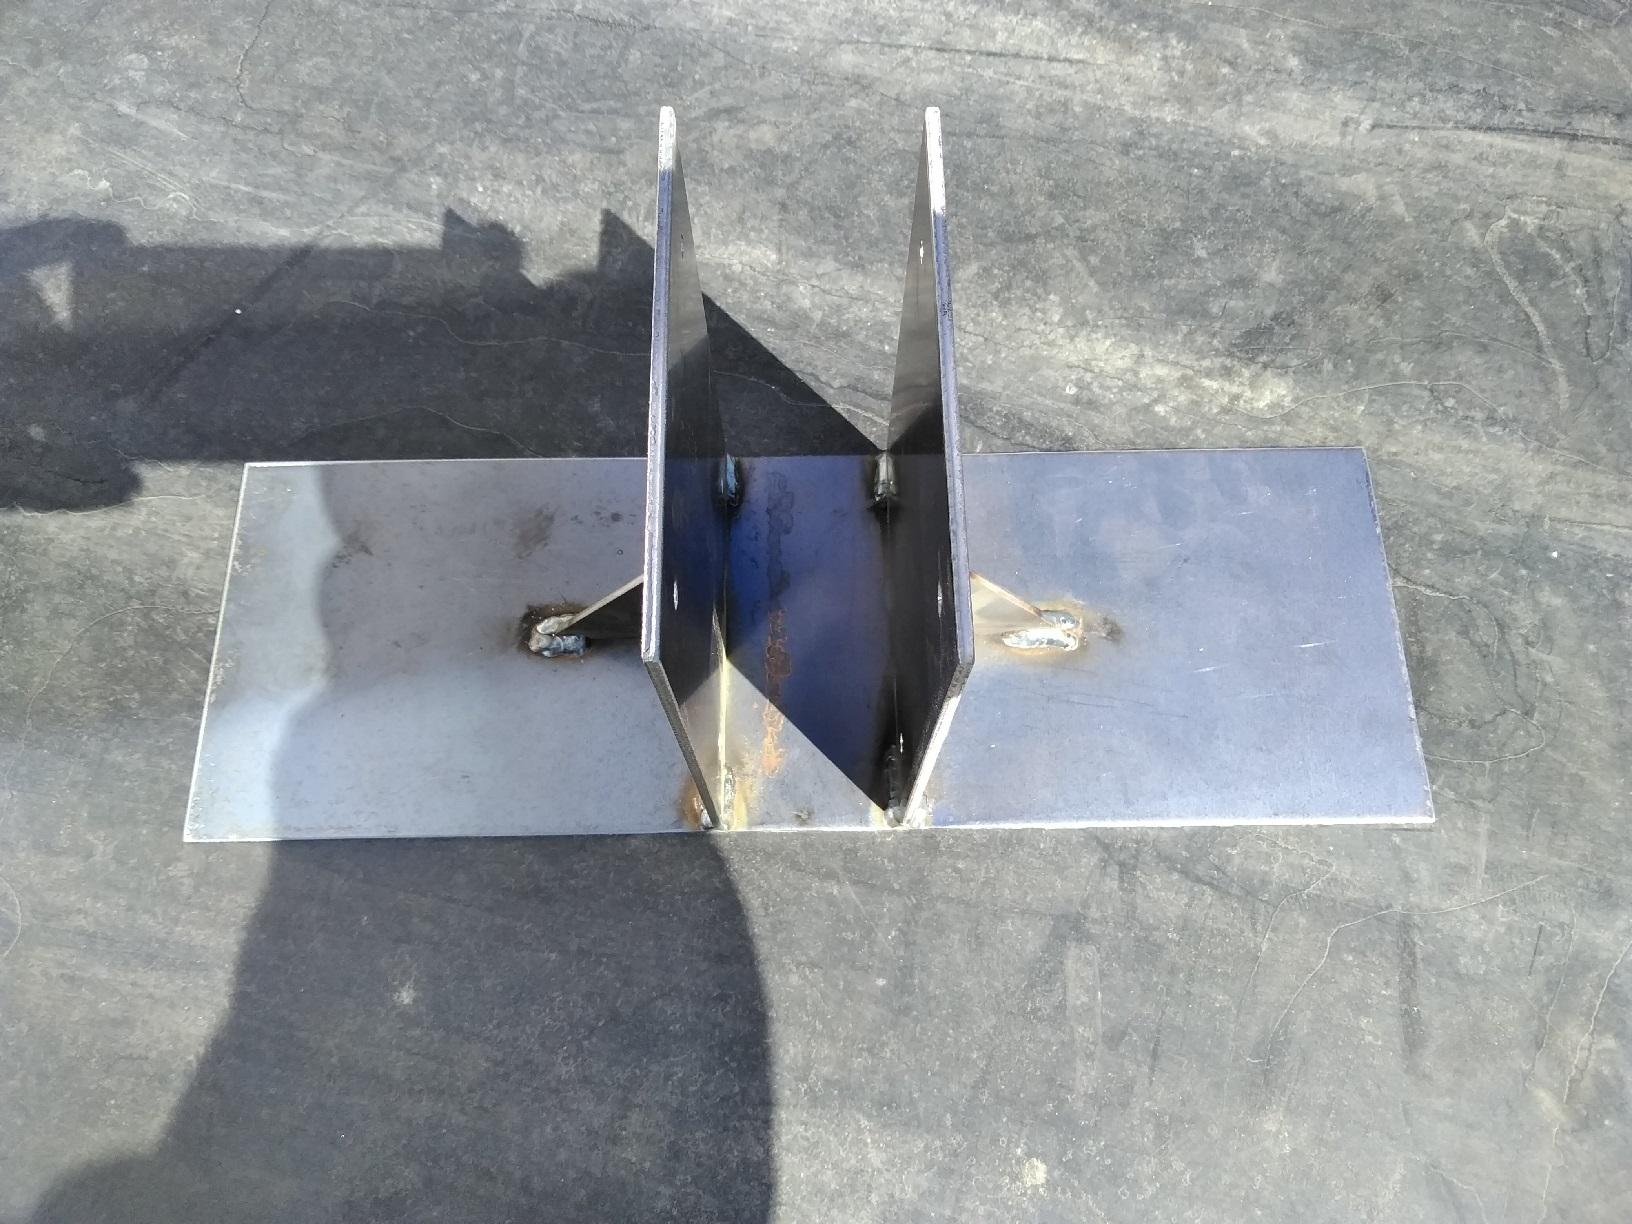 浜中町 パネル設置土台塗装 現状見本2